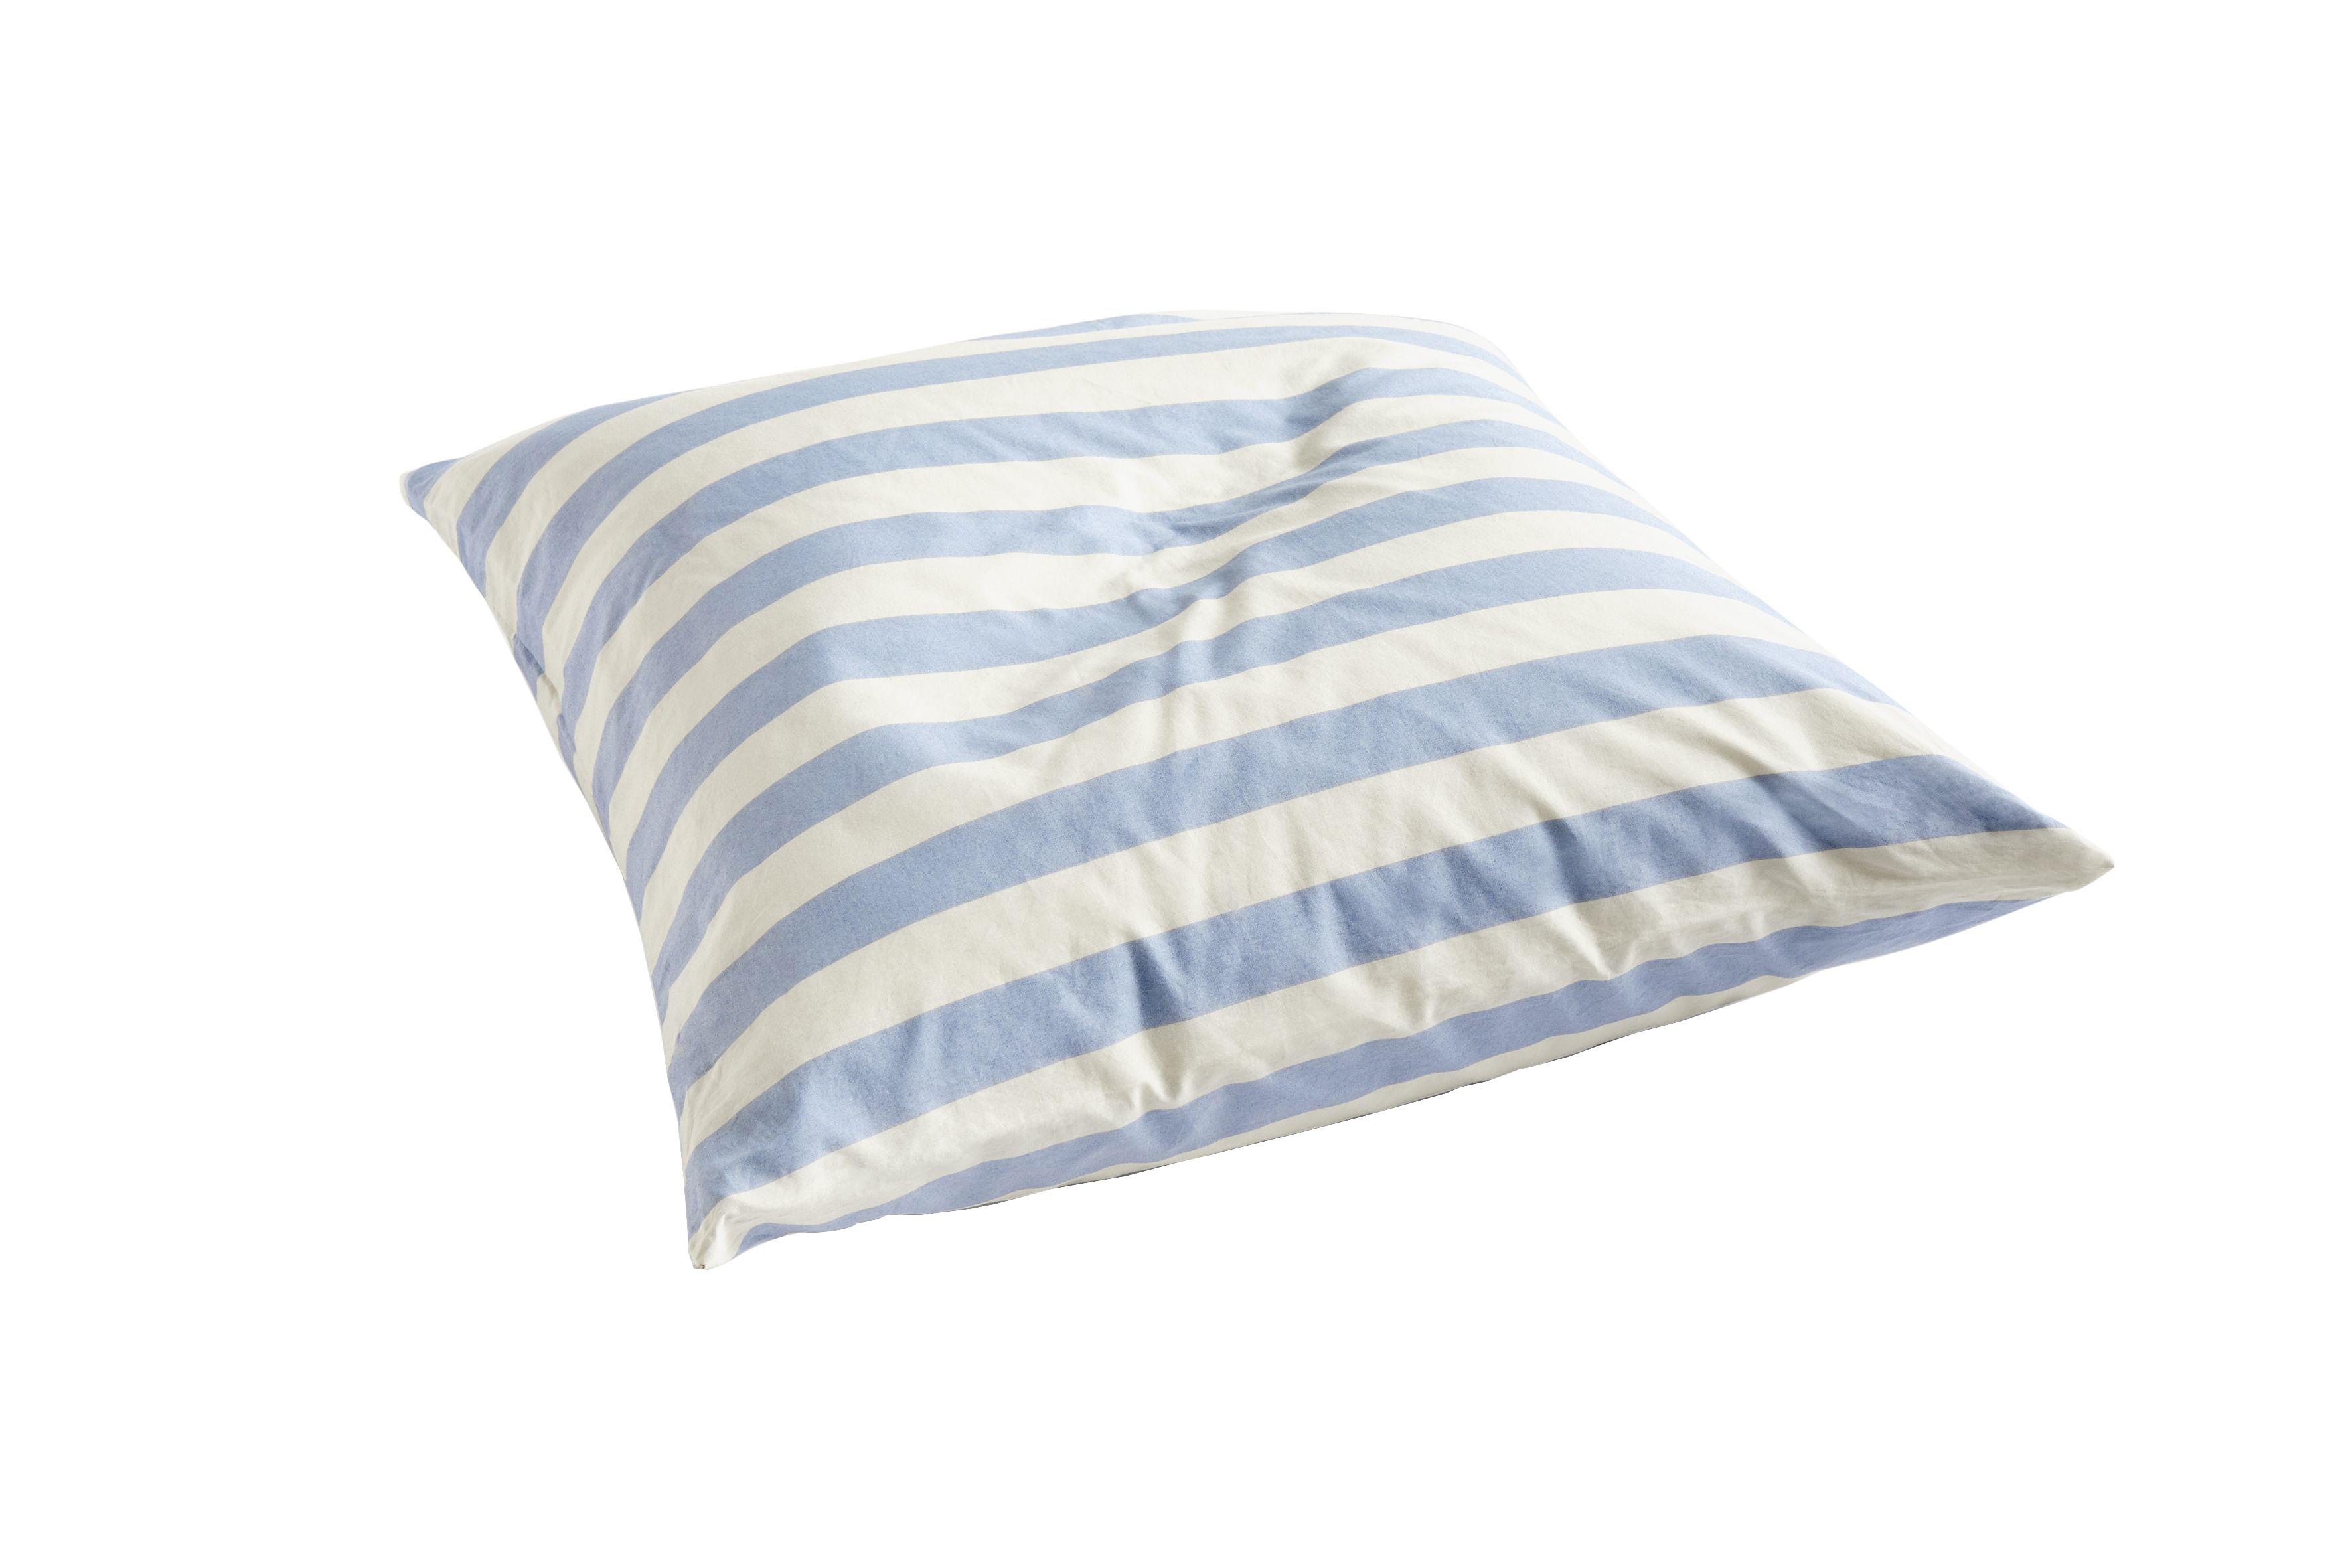 HAY - Été Pillow Case 60 x 63 cm - Light Blue (507451)